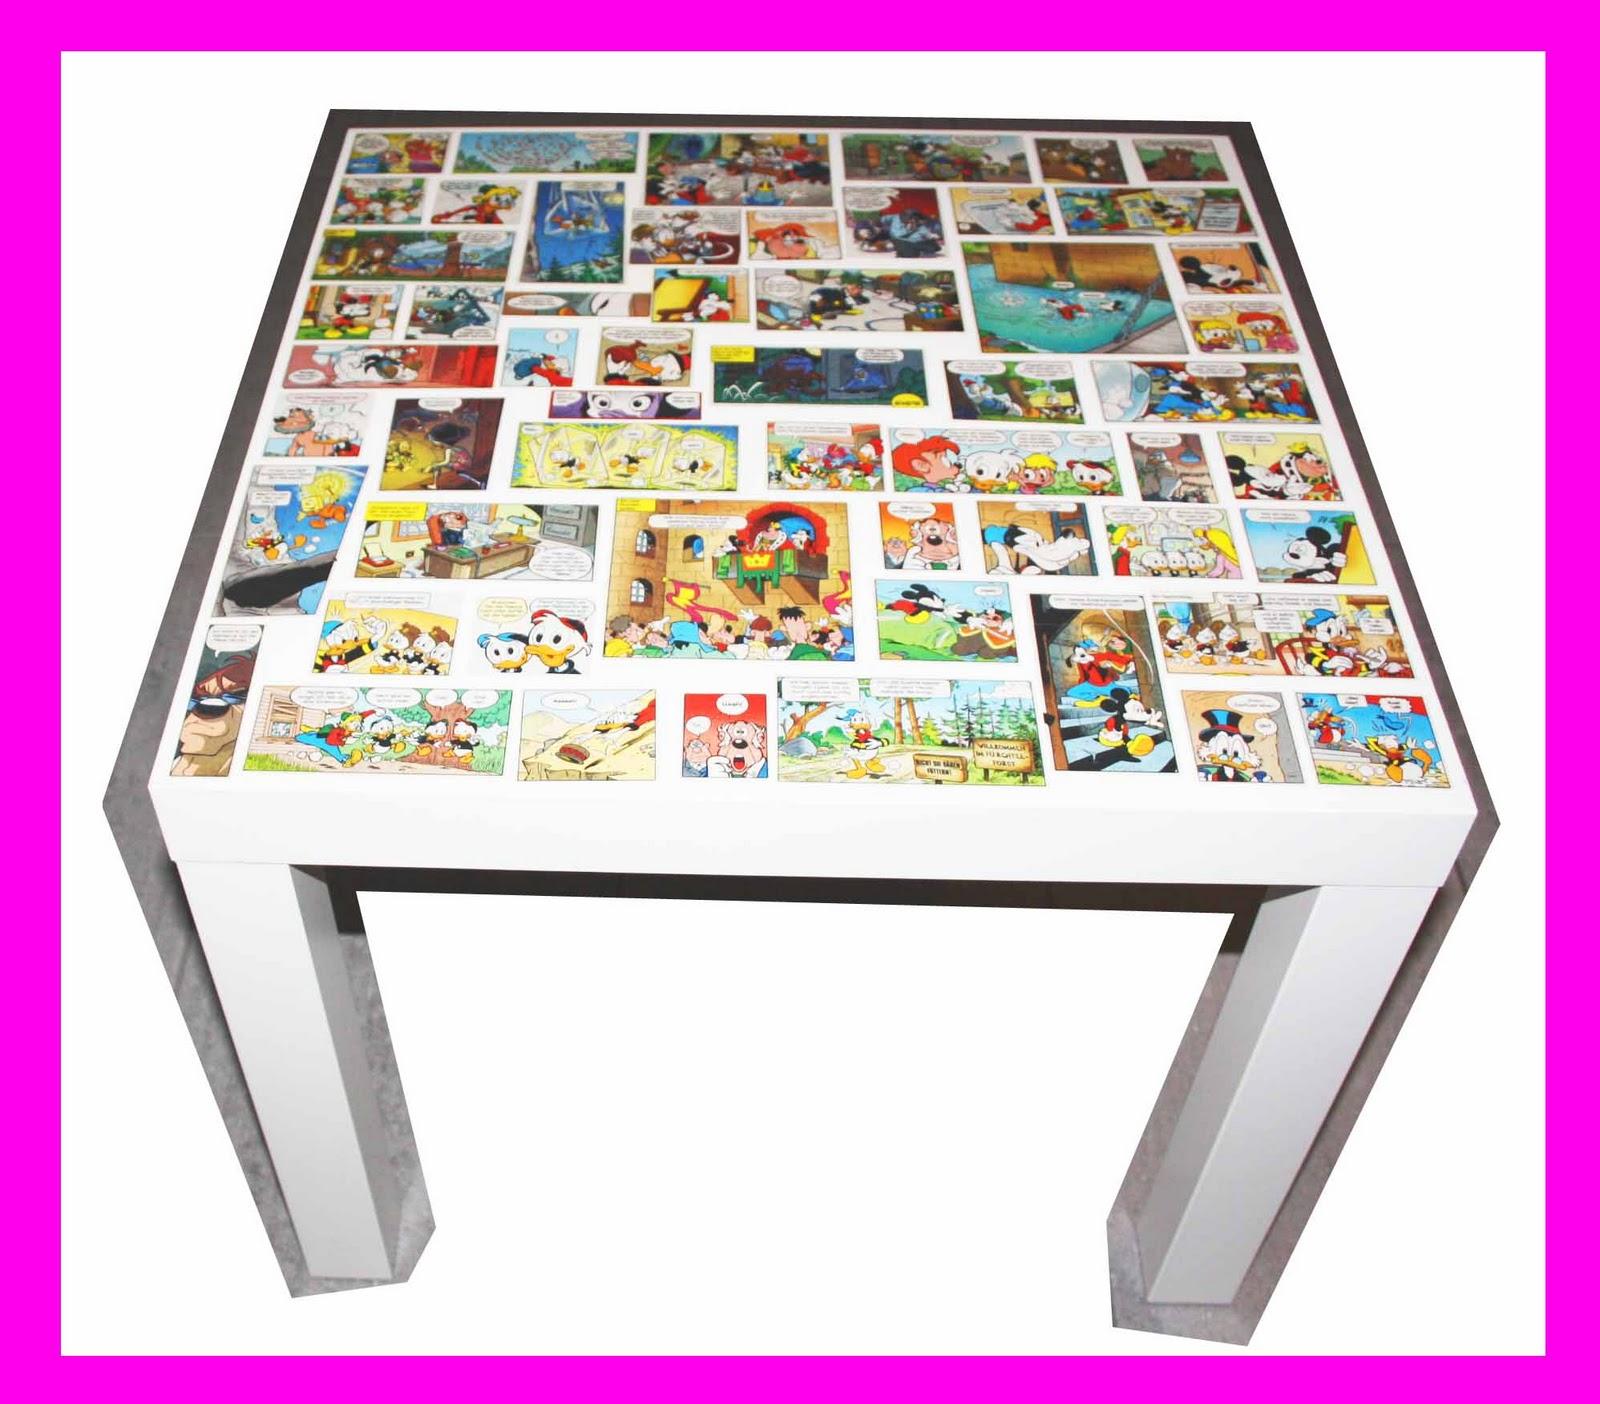 Pejd all about diy diy tisch mit comic auffrischen - Ikea lack tisch umgestalten ...